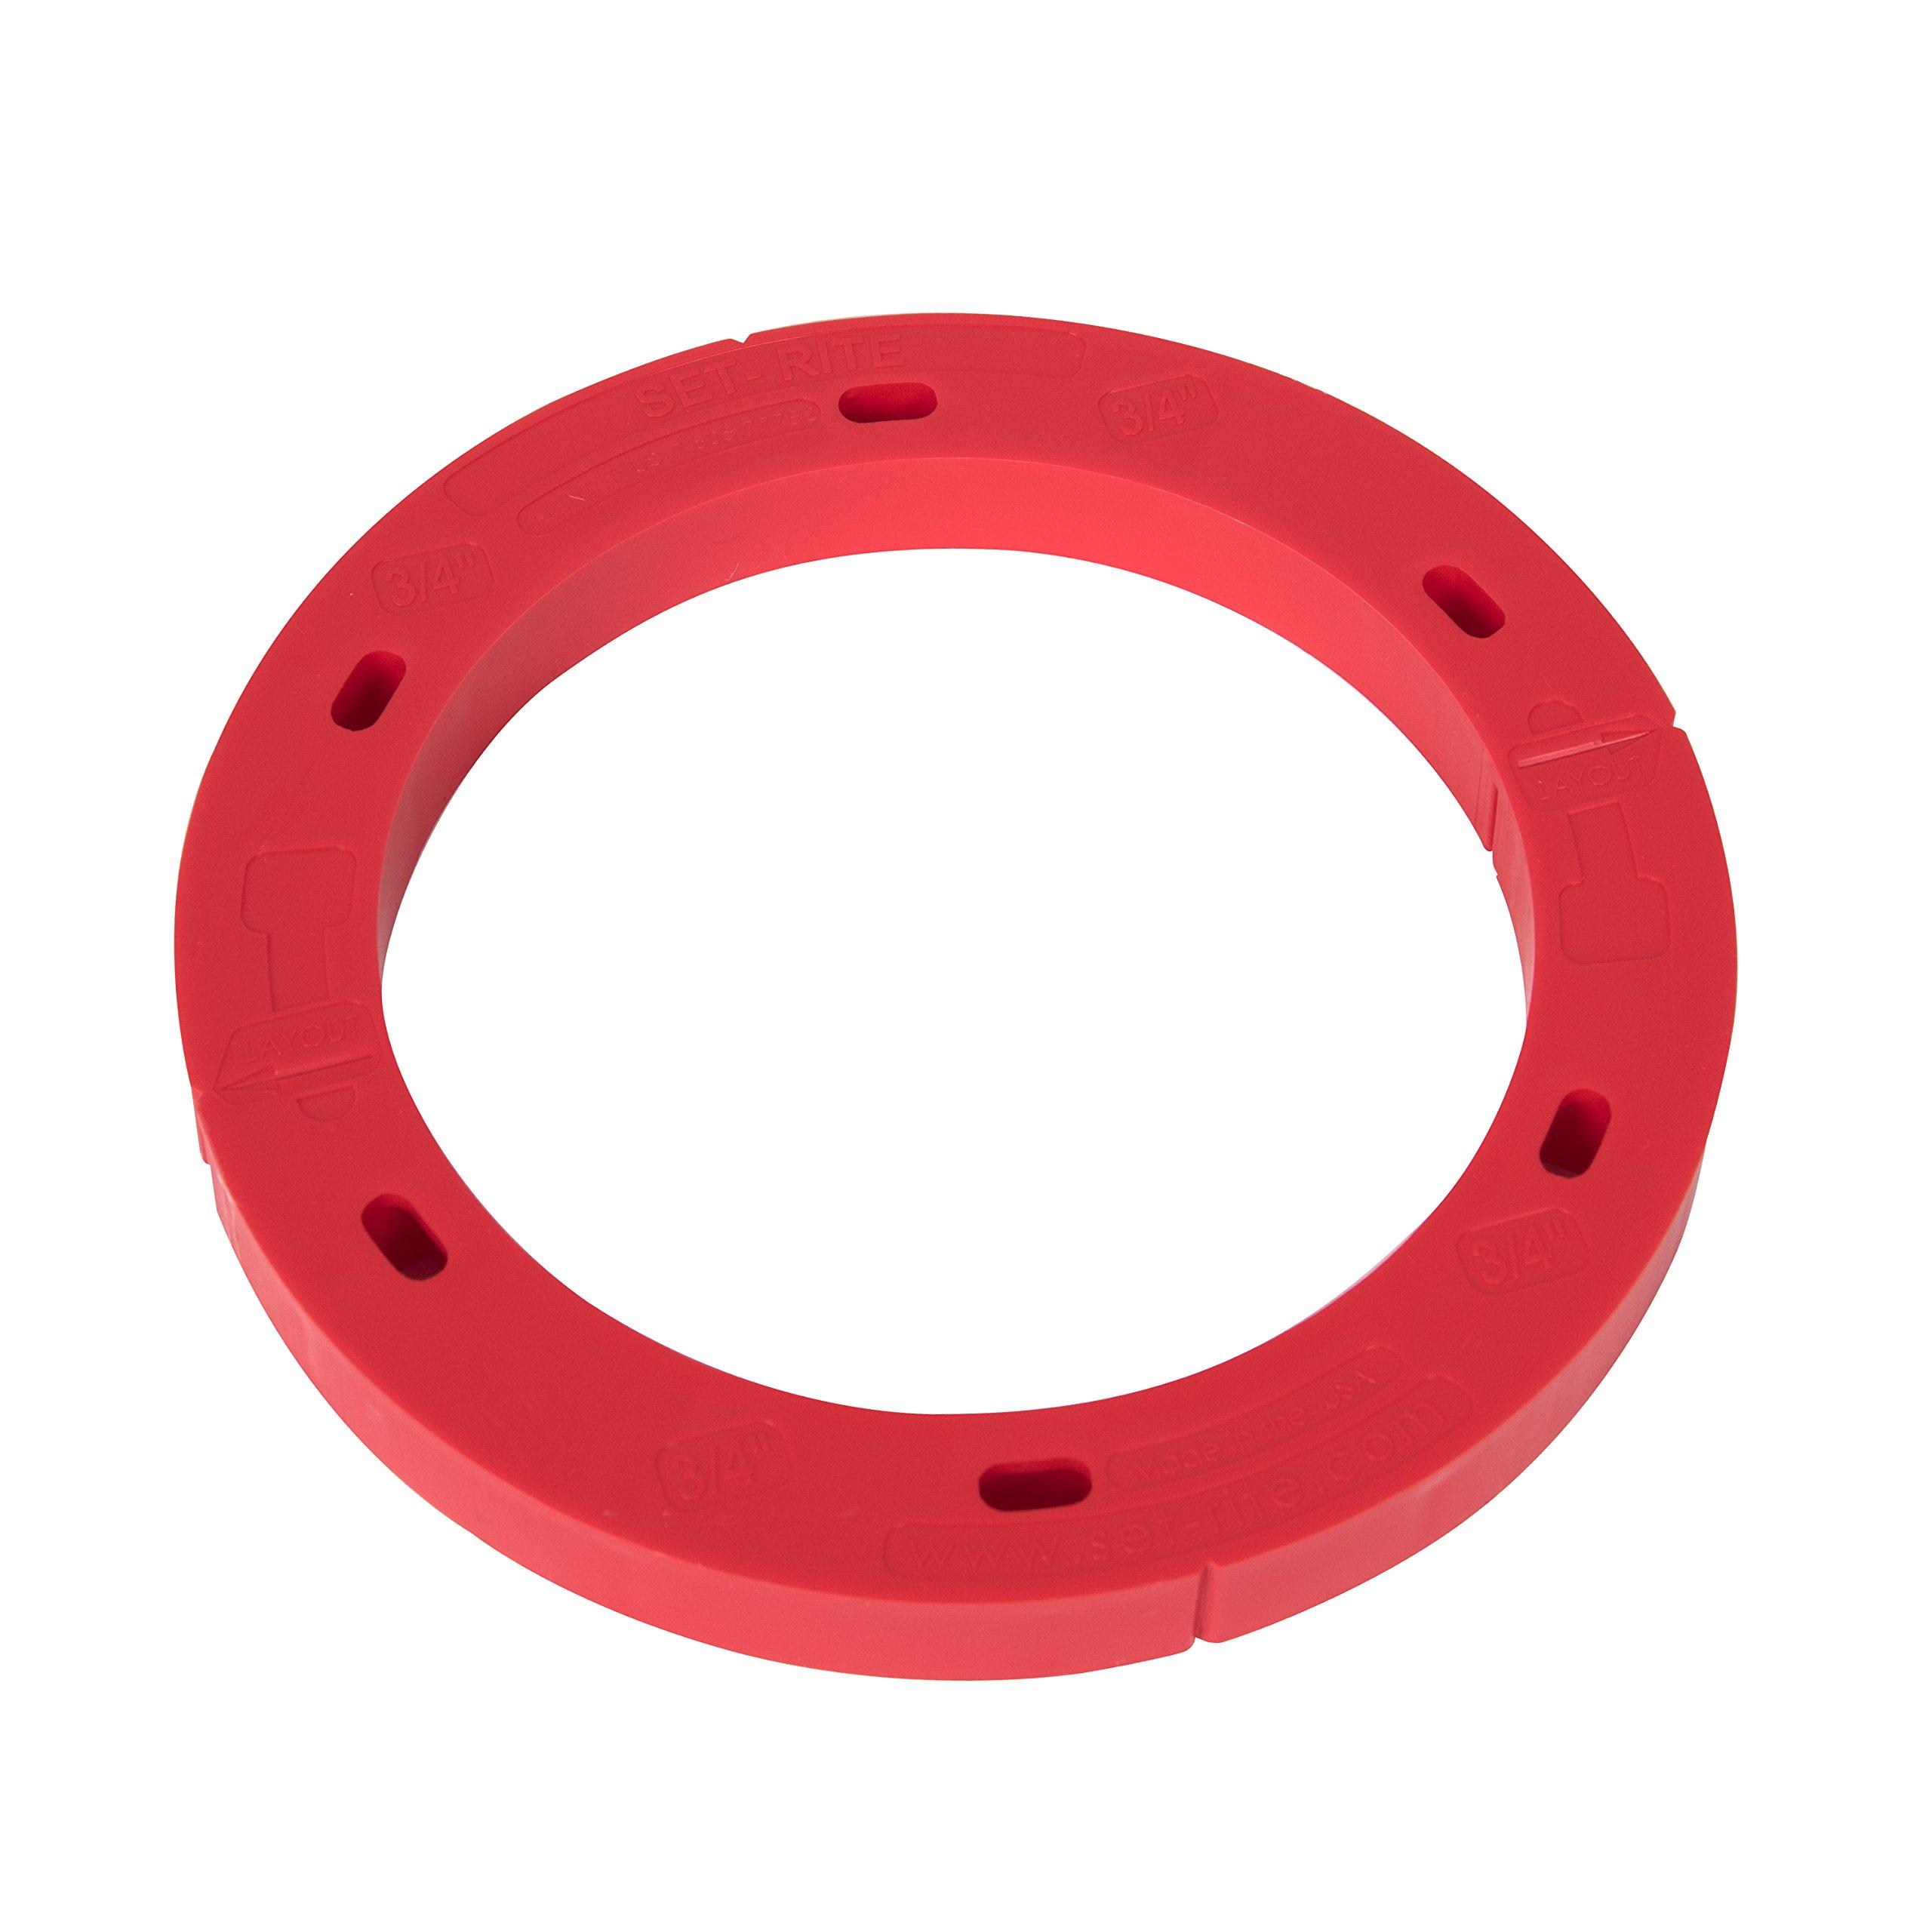 OATEY 43410 Set-Rite Spacer, 3/4'', Red by Oatey